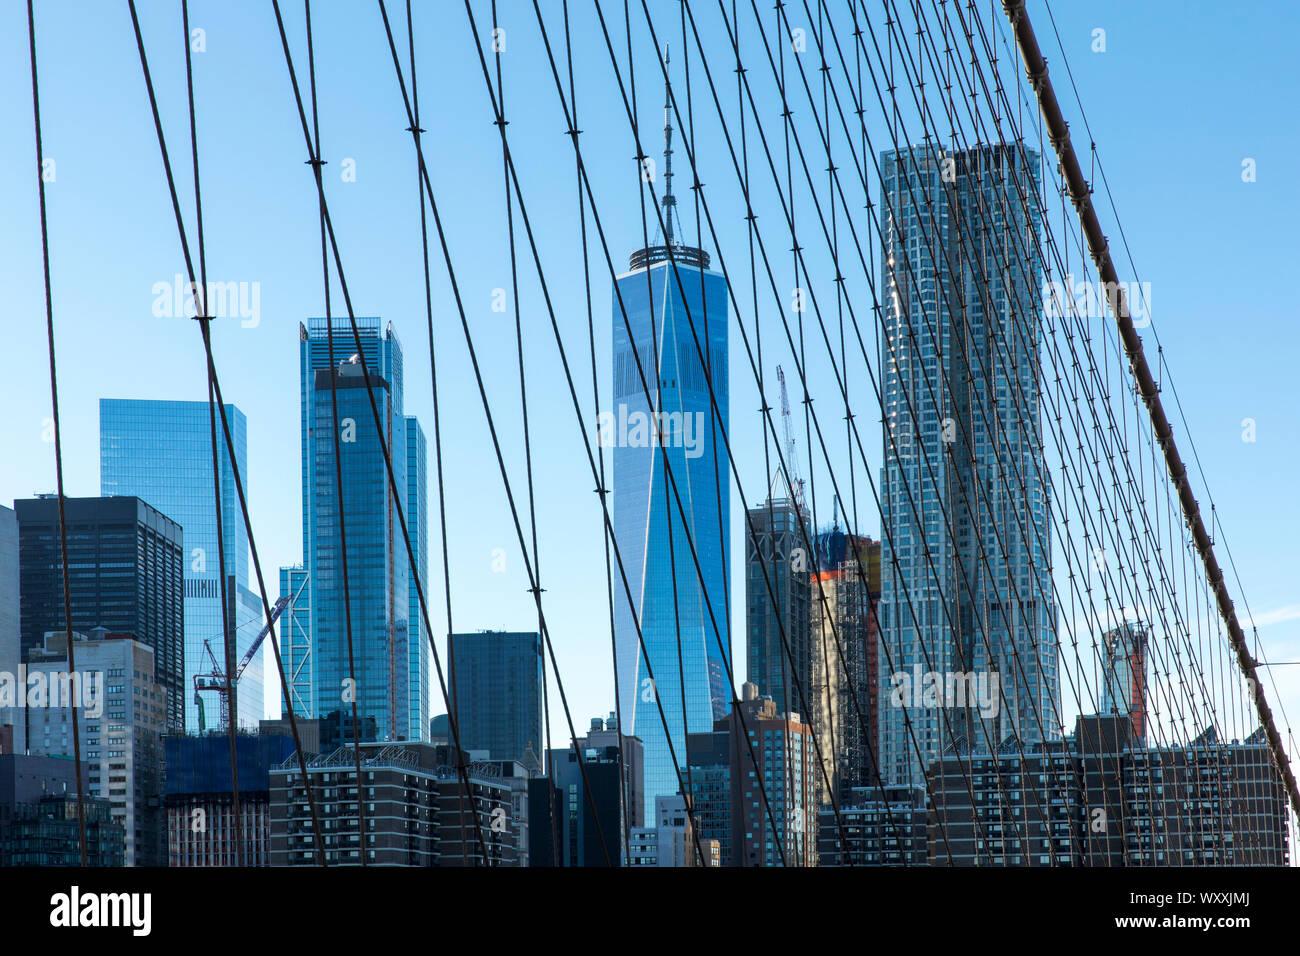 Gratte-ciel de Manhattan vue par l'intermédiaire du fil prend en charge et les câbles du pont de Brooklyn, New York City Banque D'Images